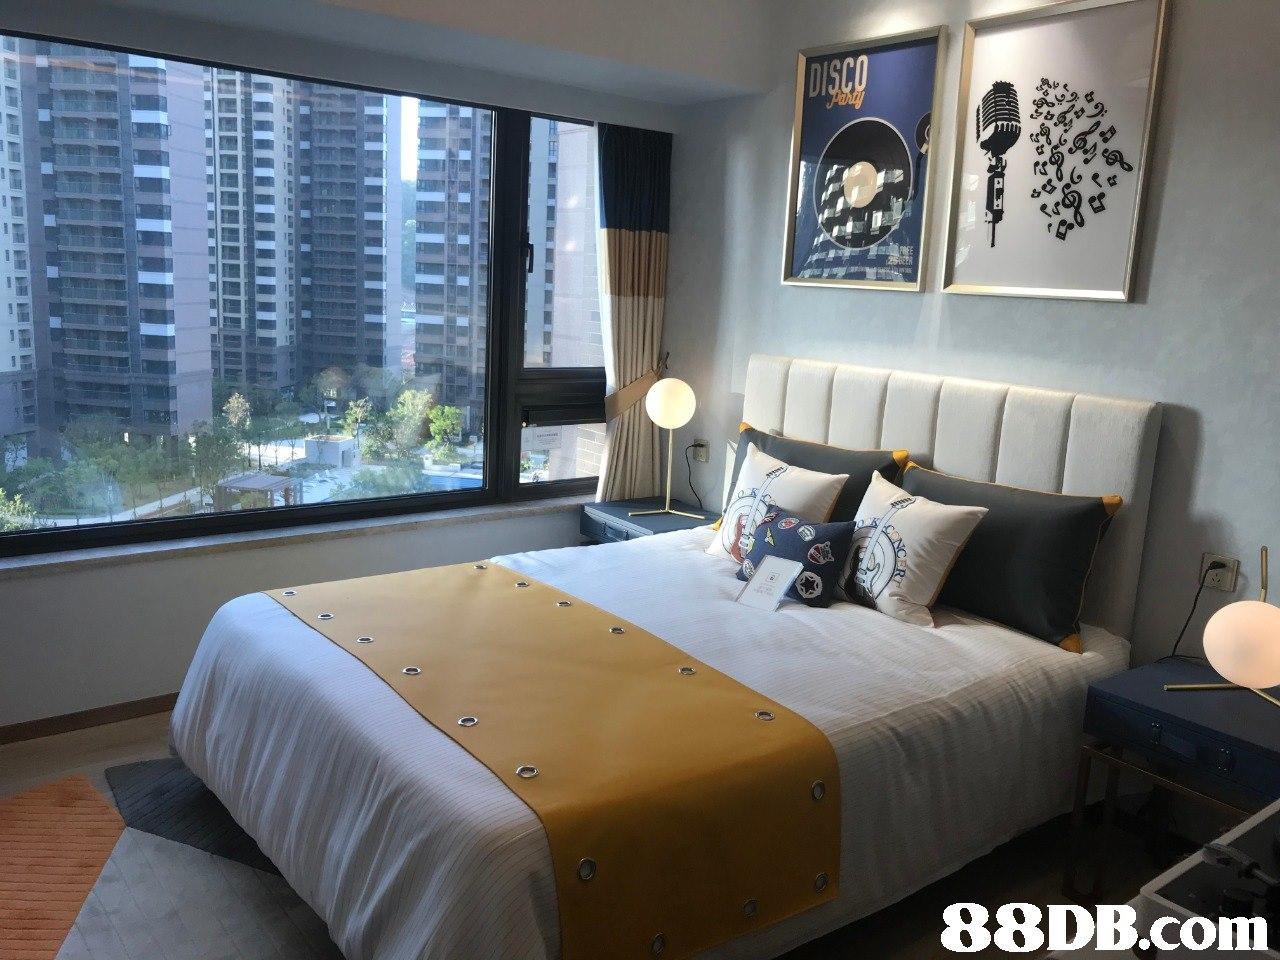 room,property,bedroom,interior design,real estate